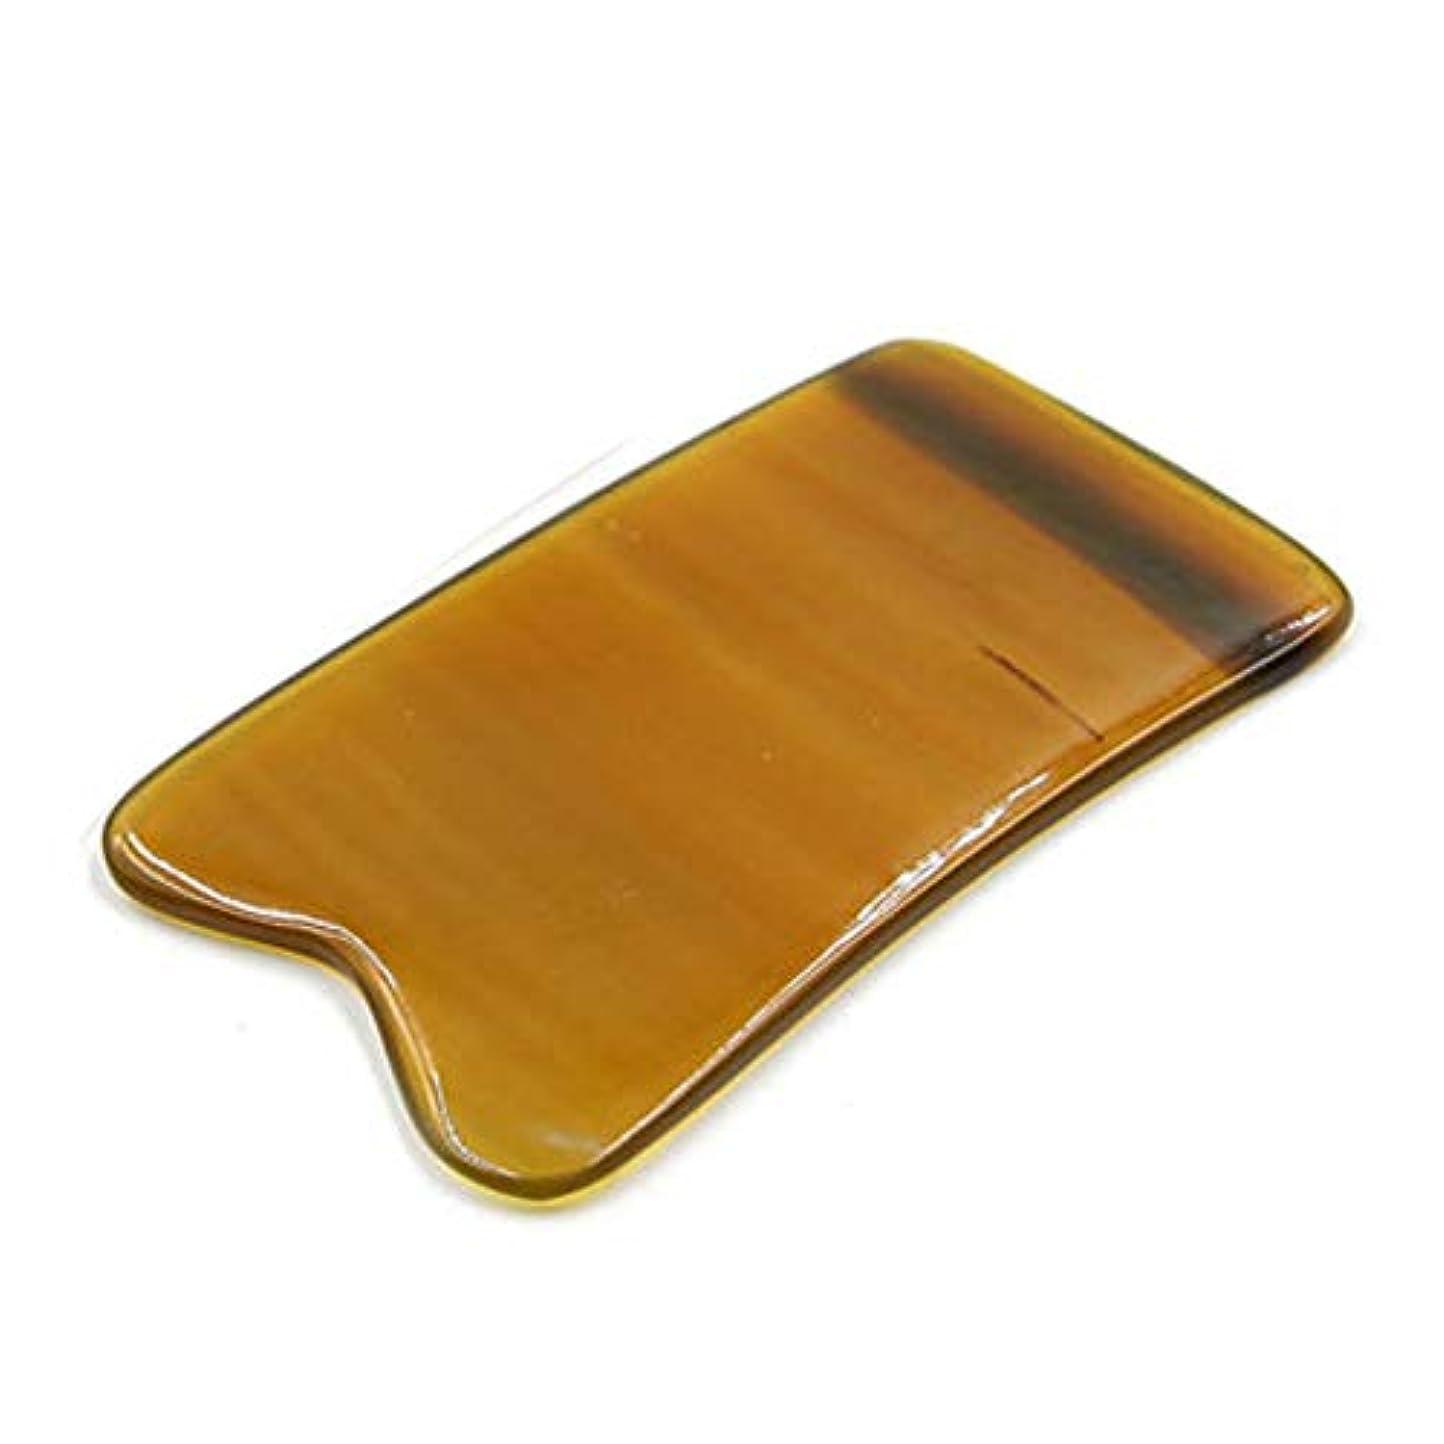 アジアゆりかご人気のMUOBOFU 天然ヤクの角製 カッサ?マッサージ?美容器 四角形?多用スクレーパー